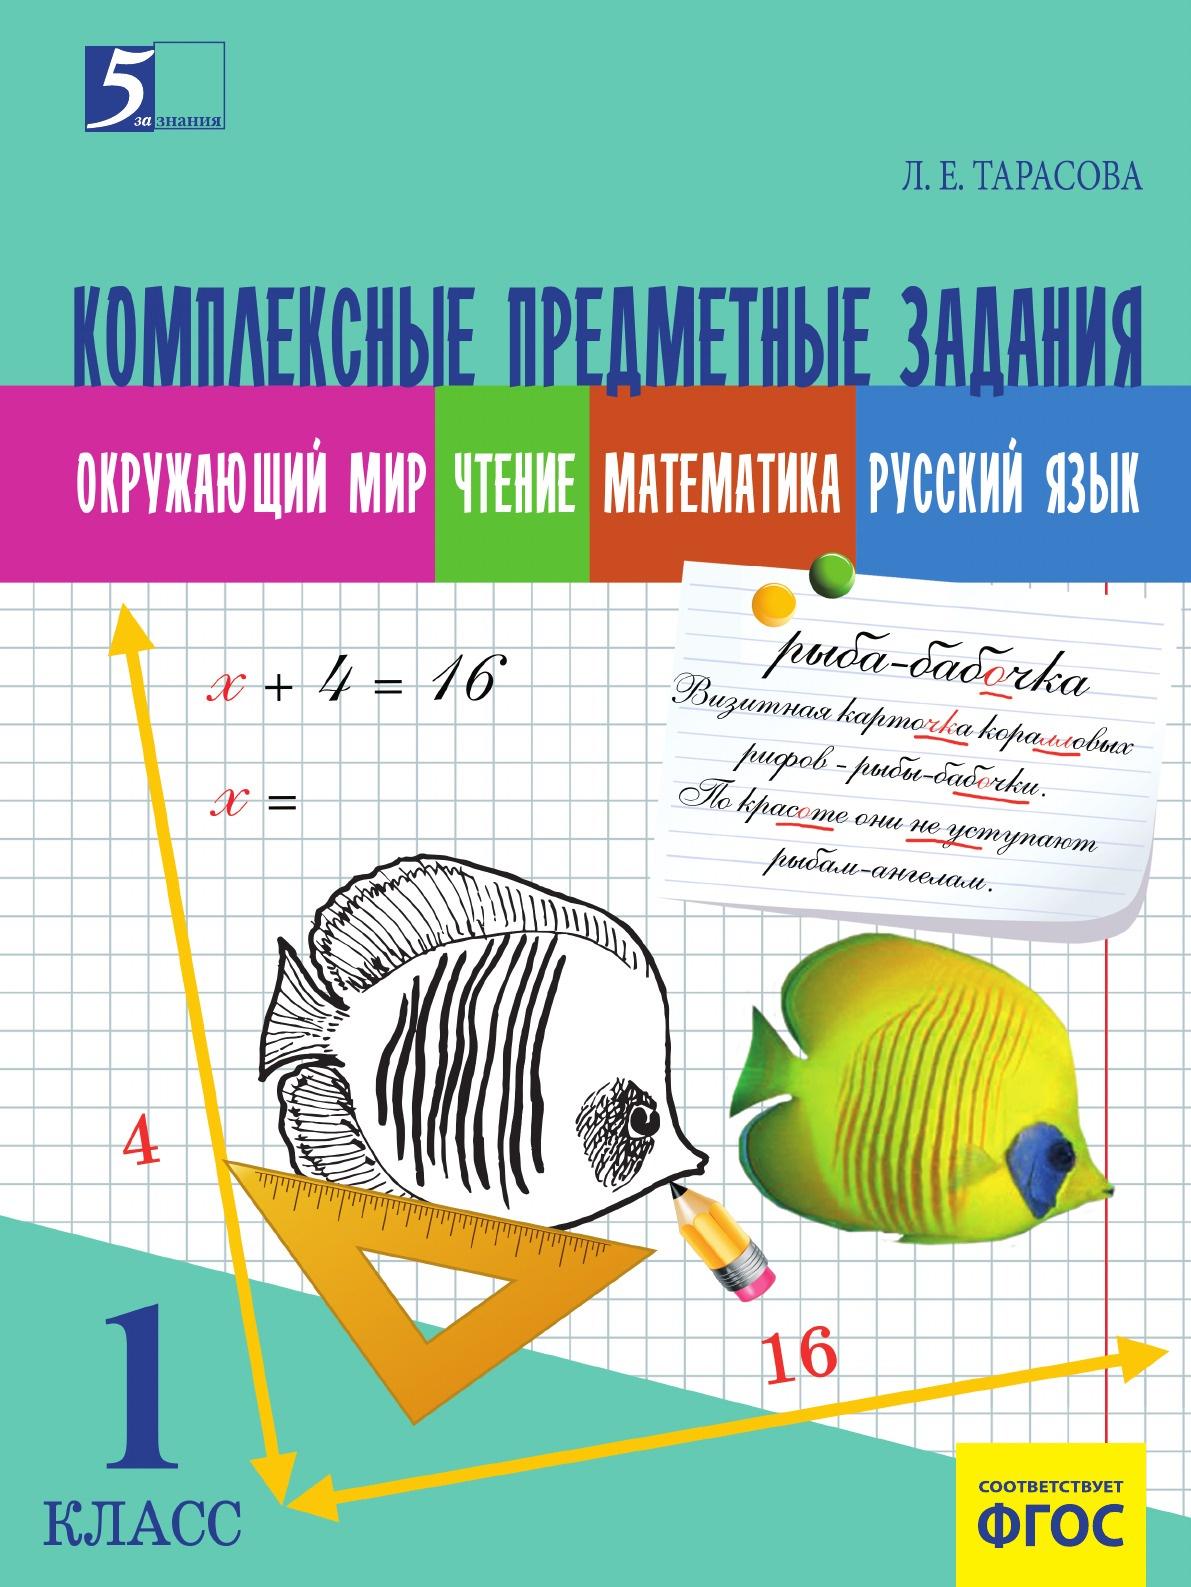 Тарасова Л.Е. Комплексные предметные задания по окружающему миру, чтению, математи-ке, русскому языку (1 класс) для начальной школы